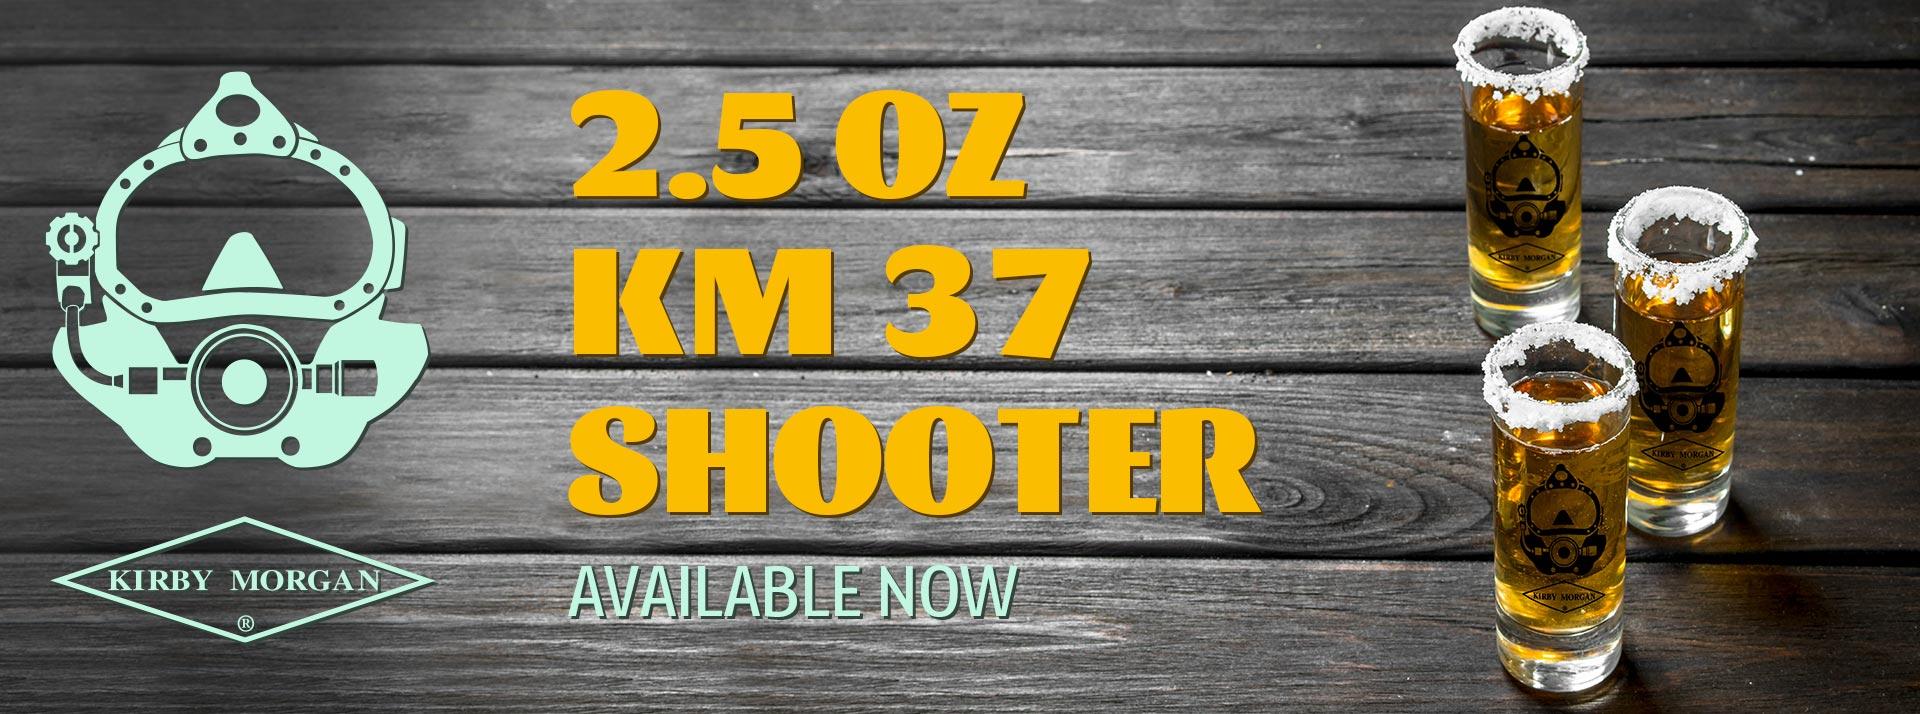 2.5 oz KM 37 Shooter